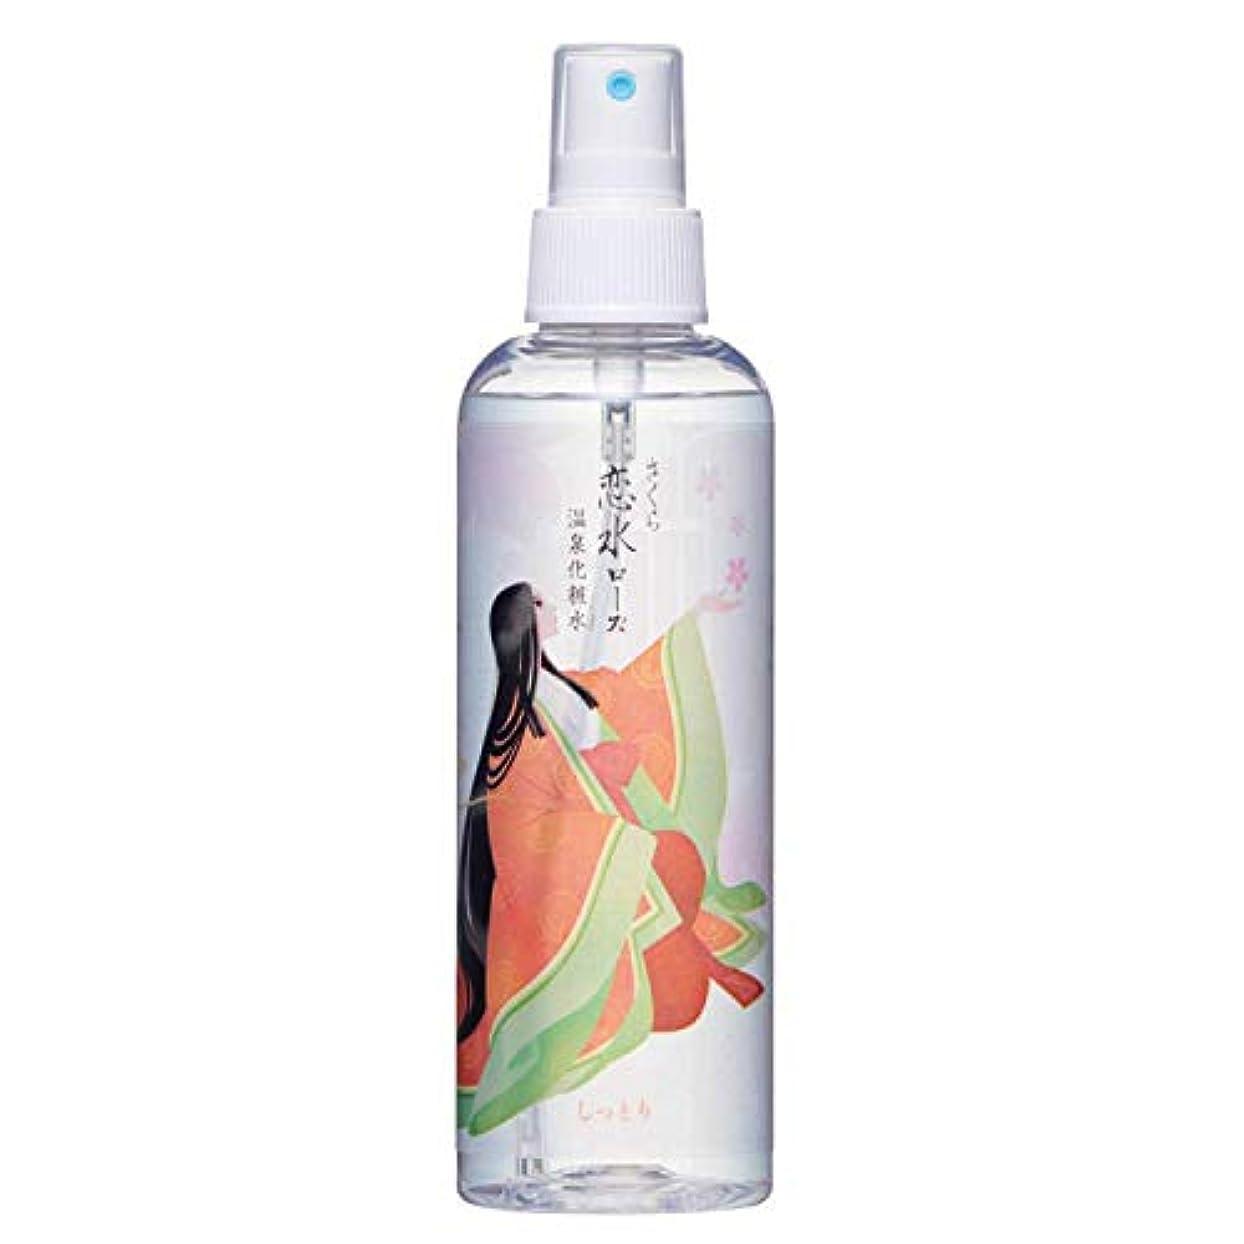 階段スプレートリップ[さくら] 恋水ローズ 温泉 化粧水 しっとり 200mL